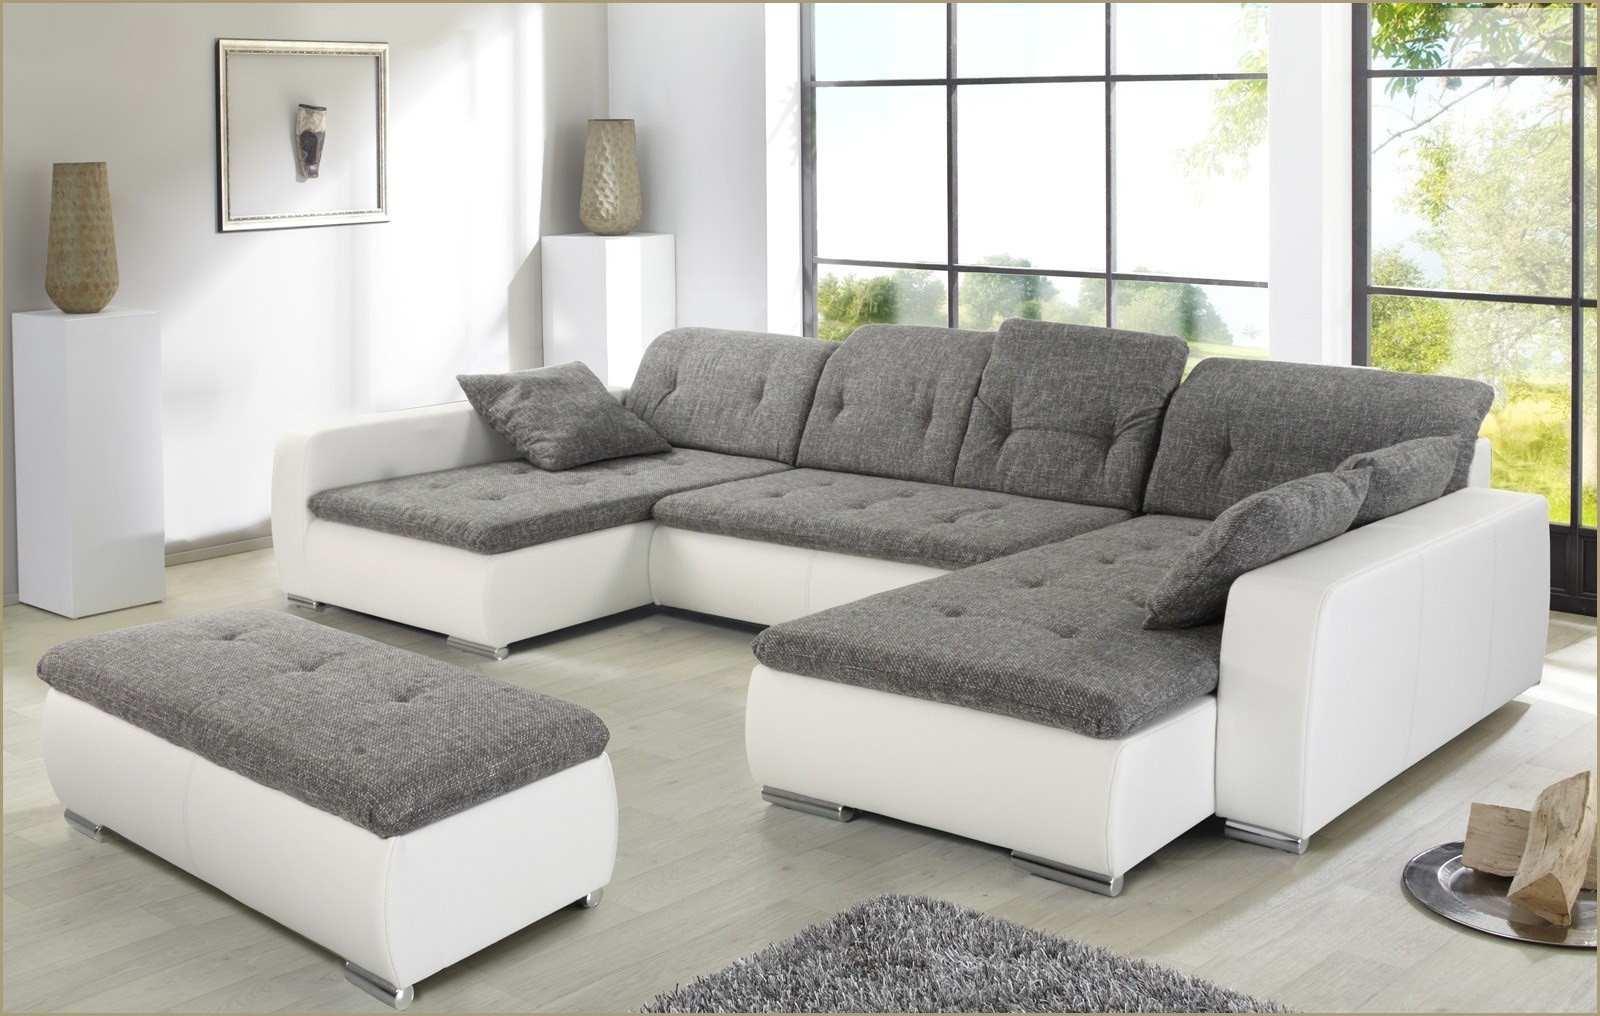 Full Size of Design Sofa Gnstig Inspirierend Xxl Billig Kaufen Tolles Leinen Günstig Betten Höffner Big U Form Grau Aus Matratzen In L 2er Xxxl Mega Polsterreiniger Sofa Xxl Sofa Günstig